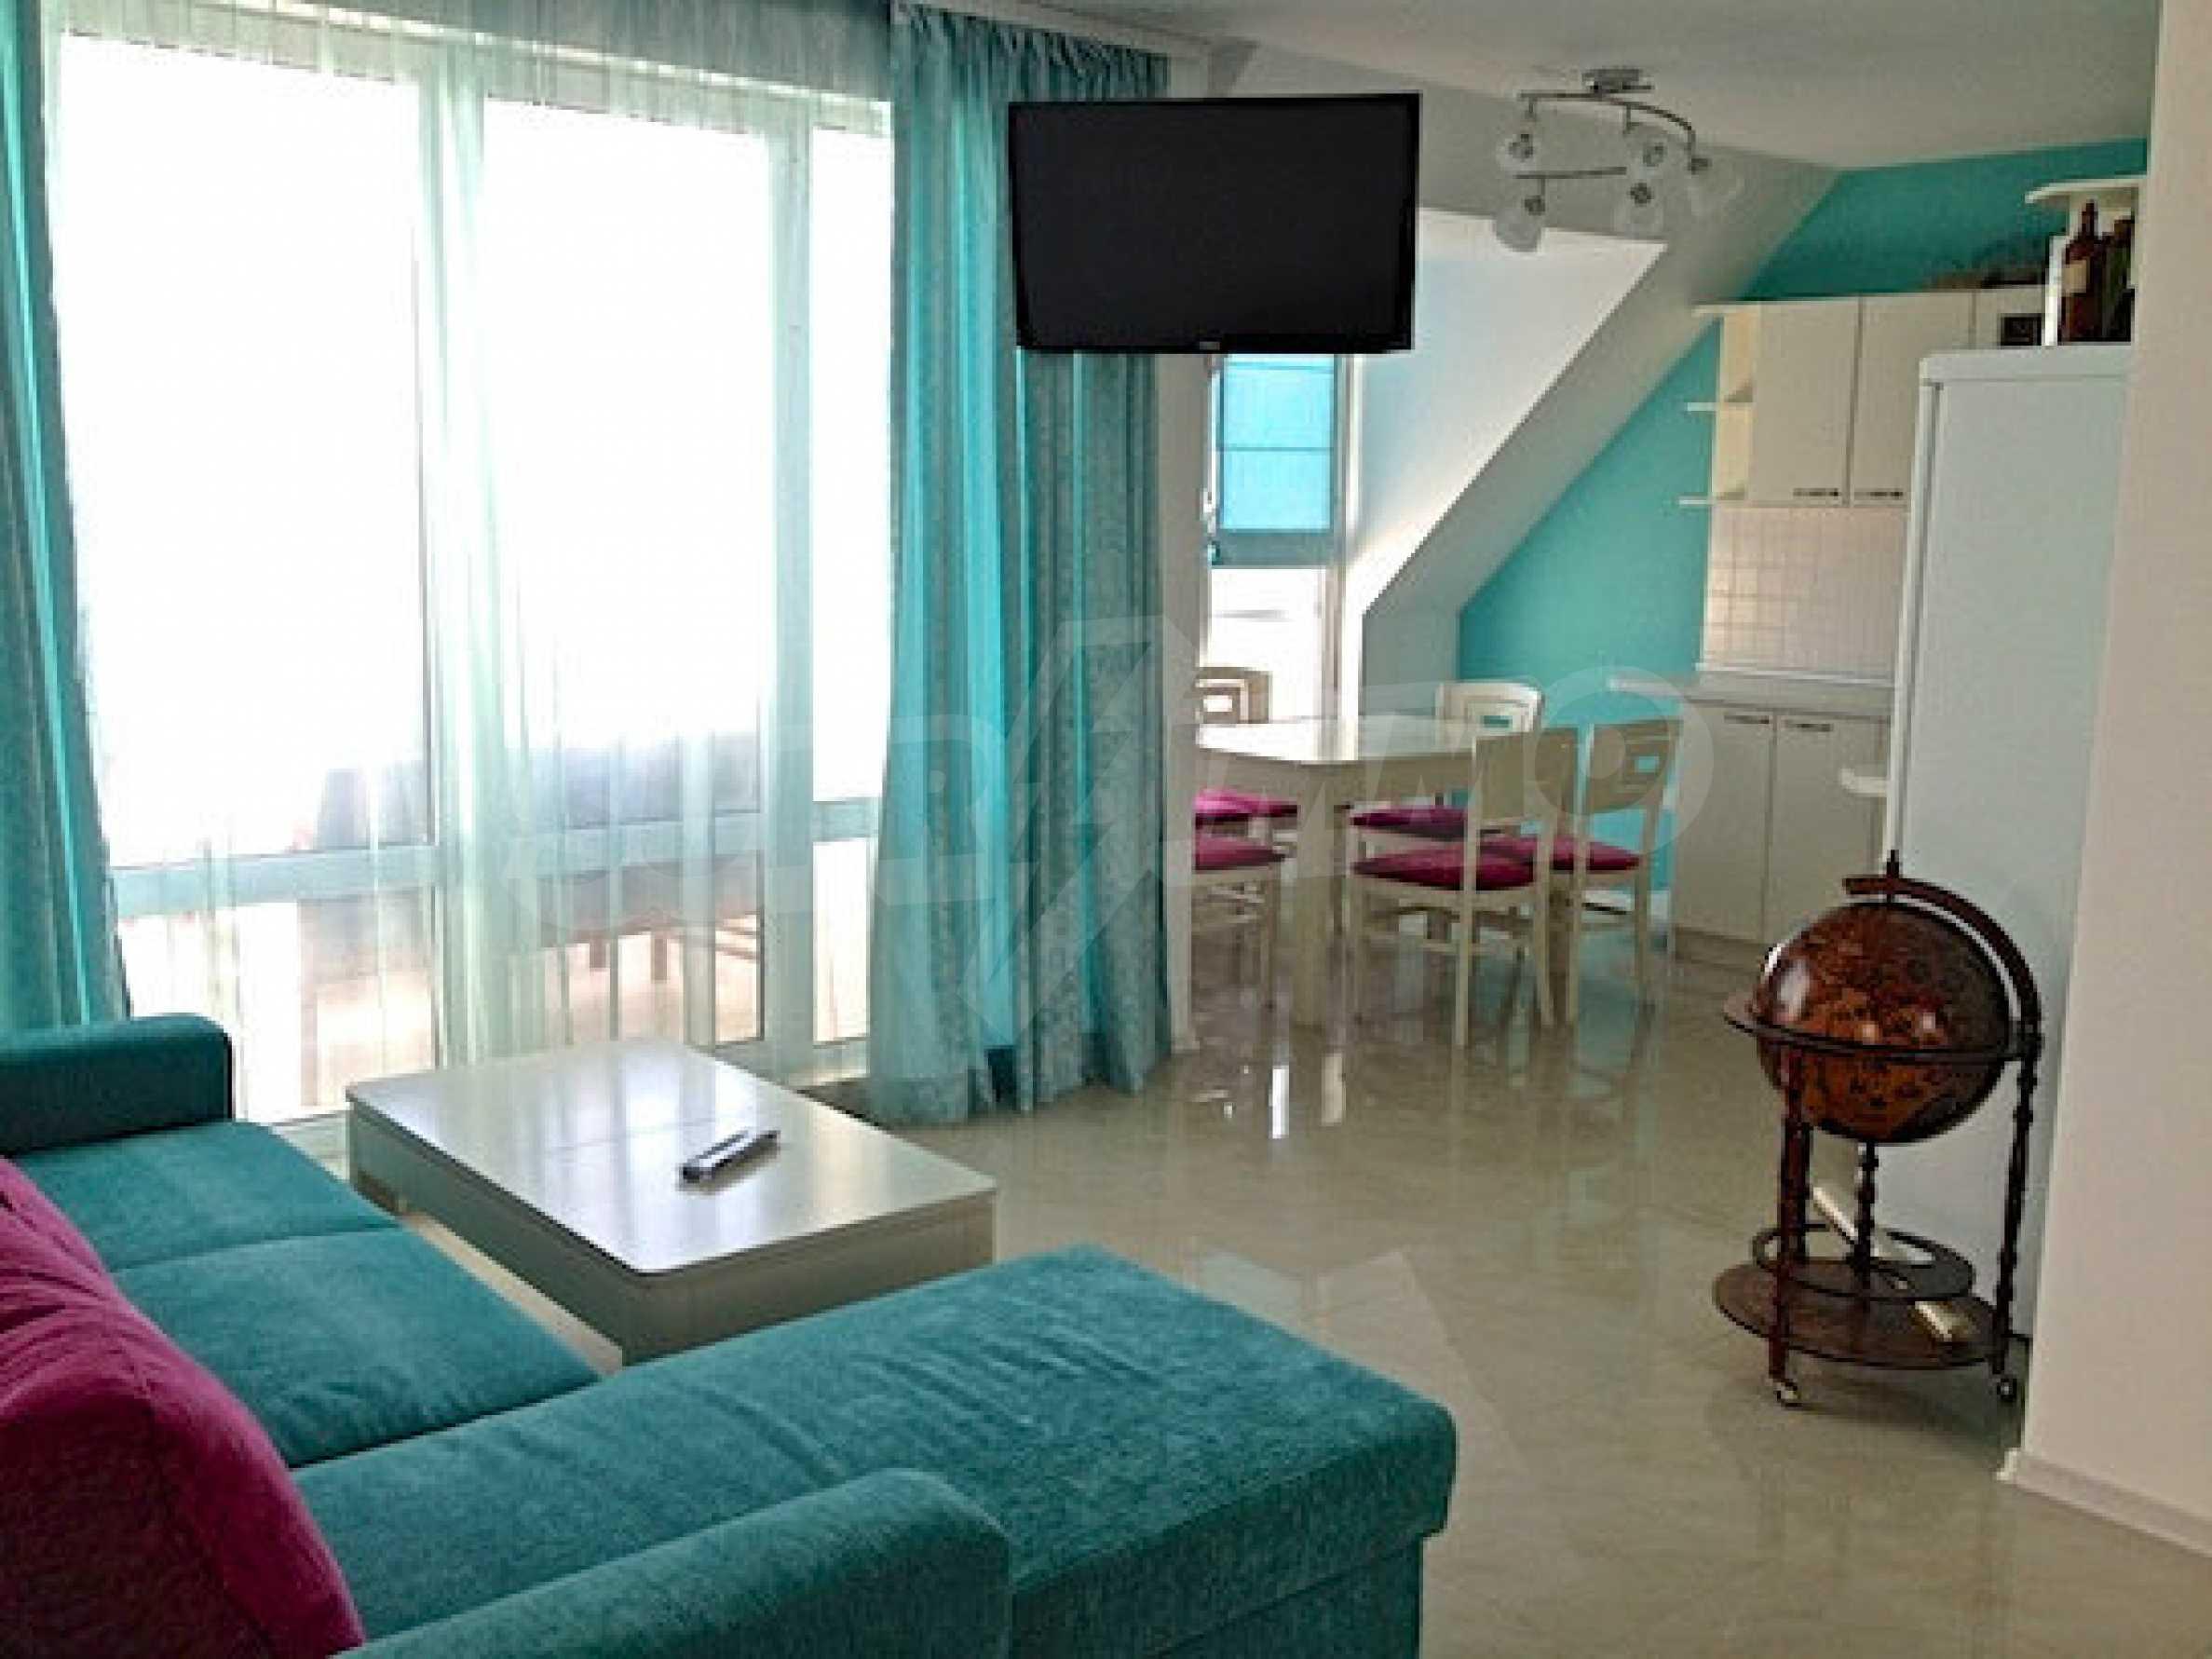 Zwei-Zimmer-Wohnung in einem Komplex 50 Meter vom Meer entfernt